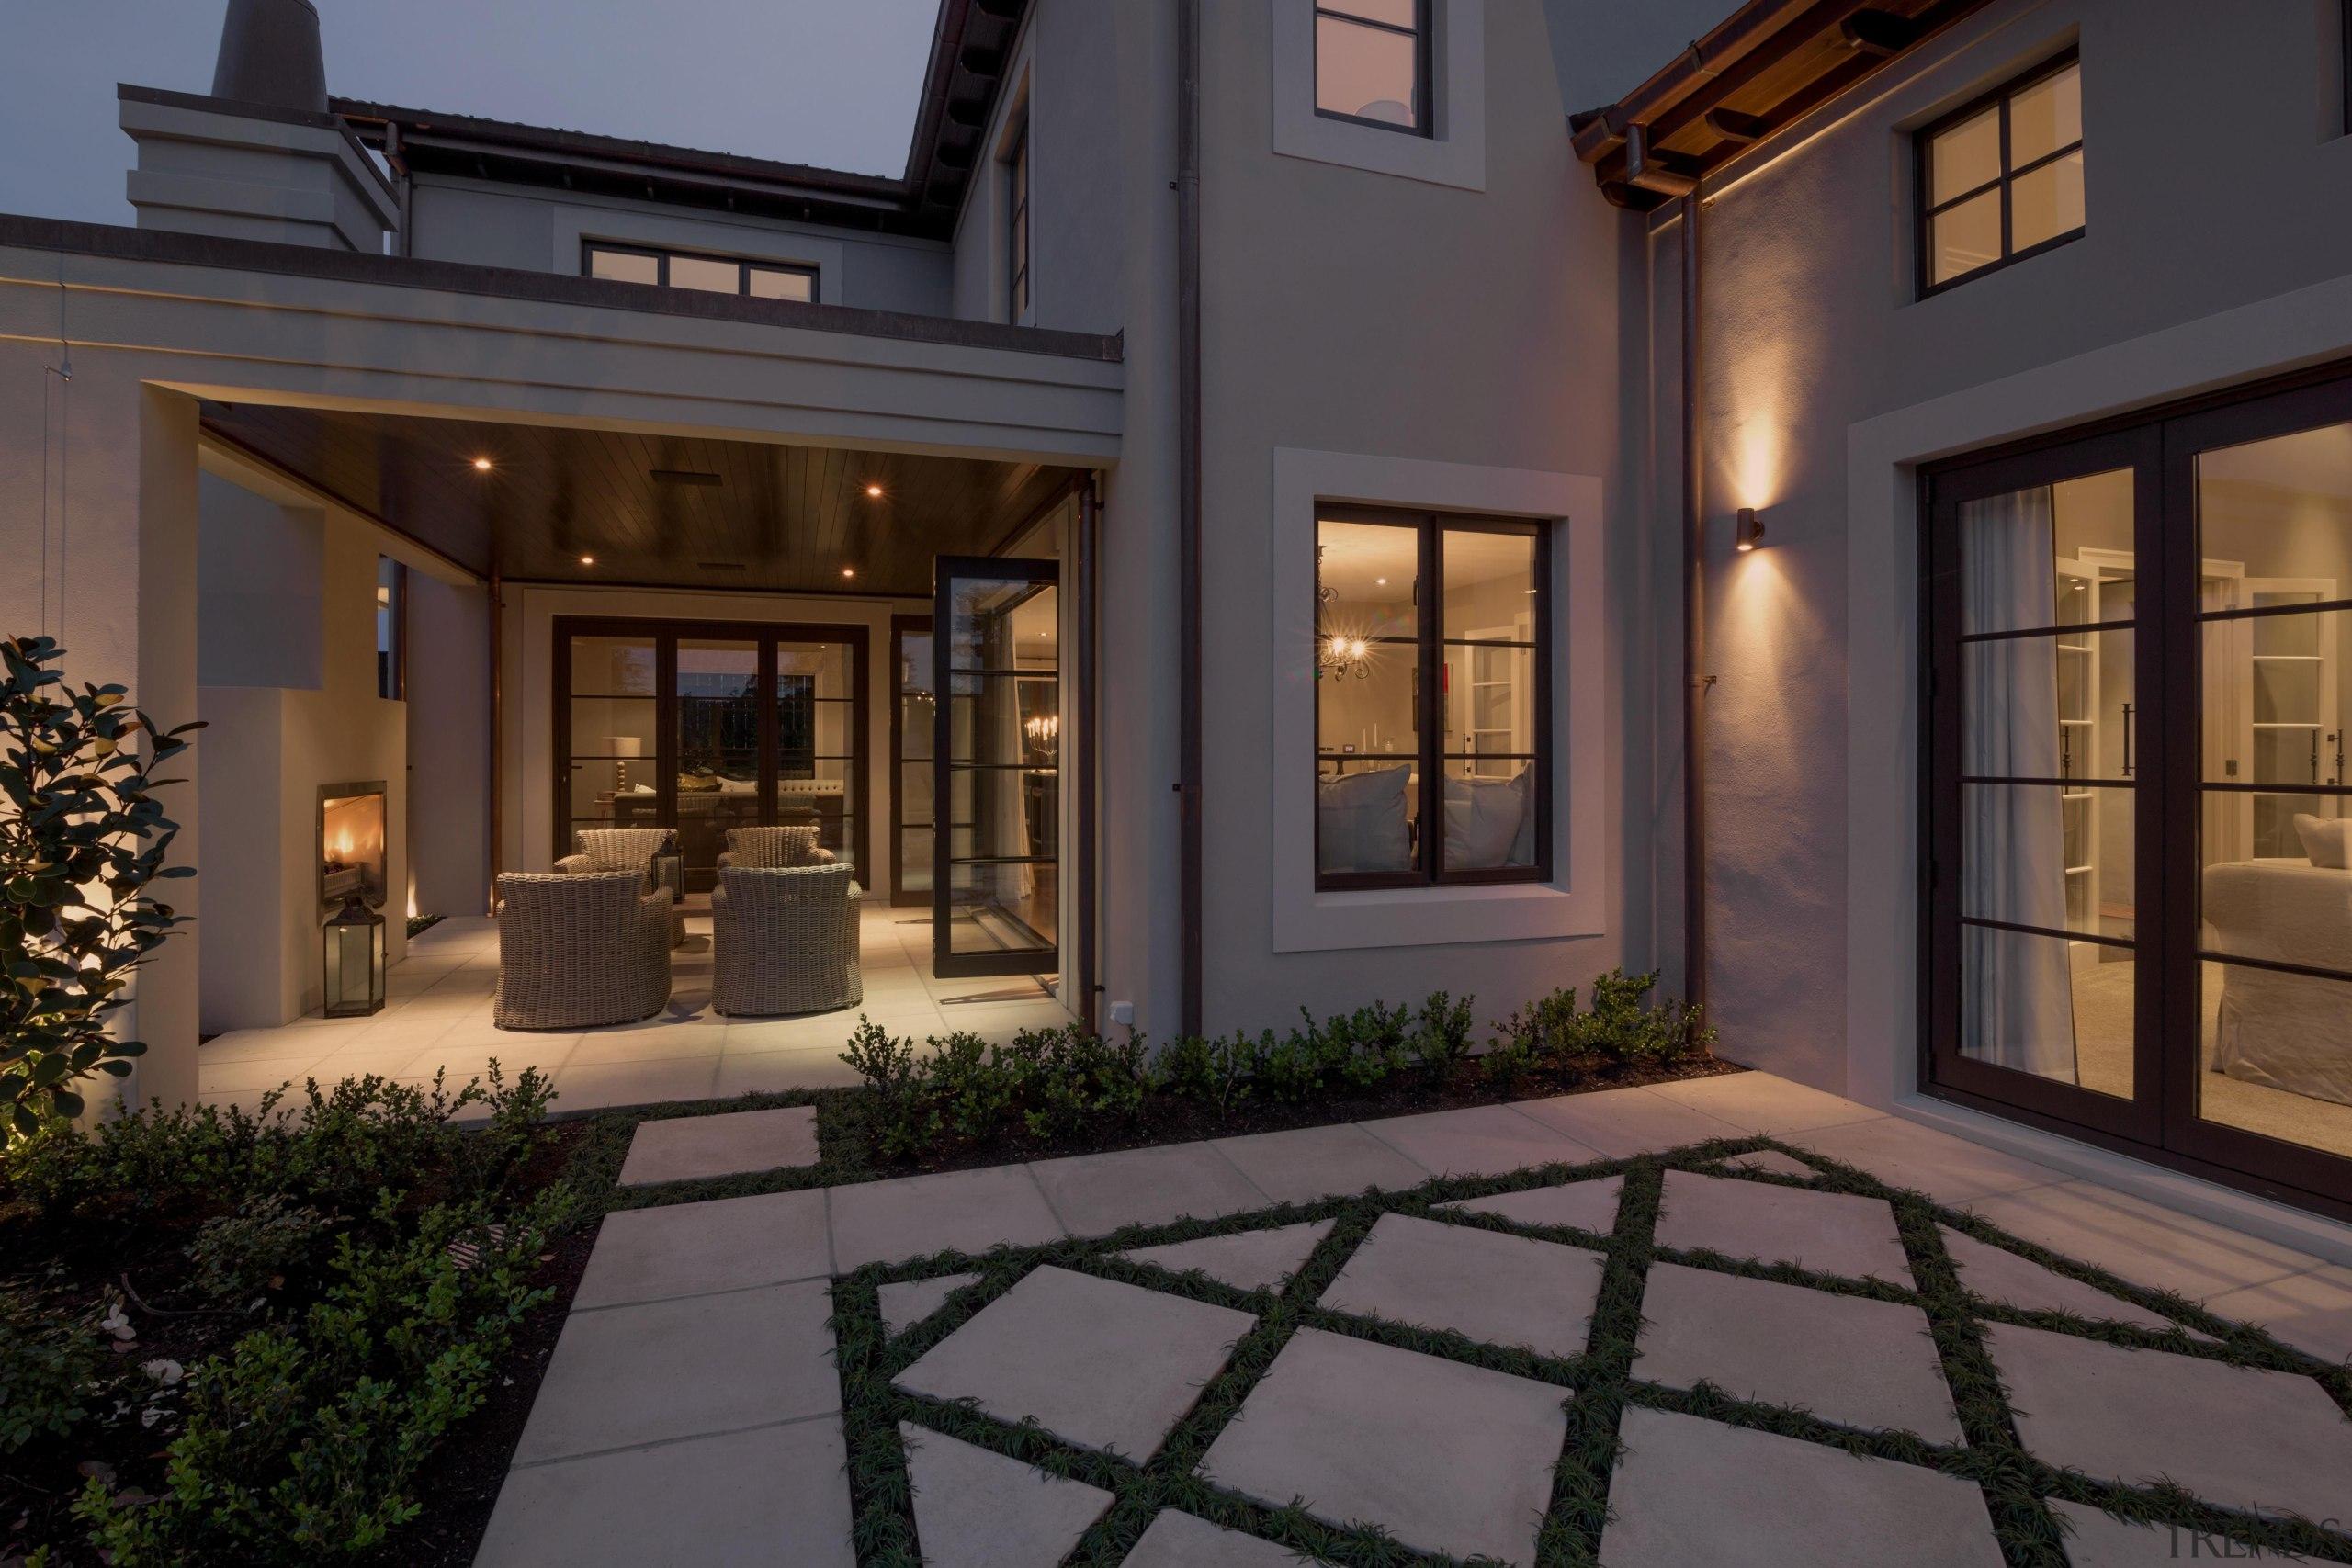 Img 0668 - courtyard   estate   facade courtyard, estate, facade, home, house, interior design, lighting, lobby, property, real estate, window, black, gray